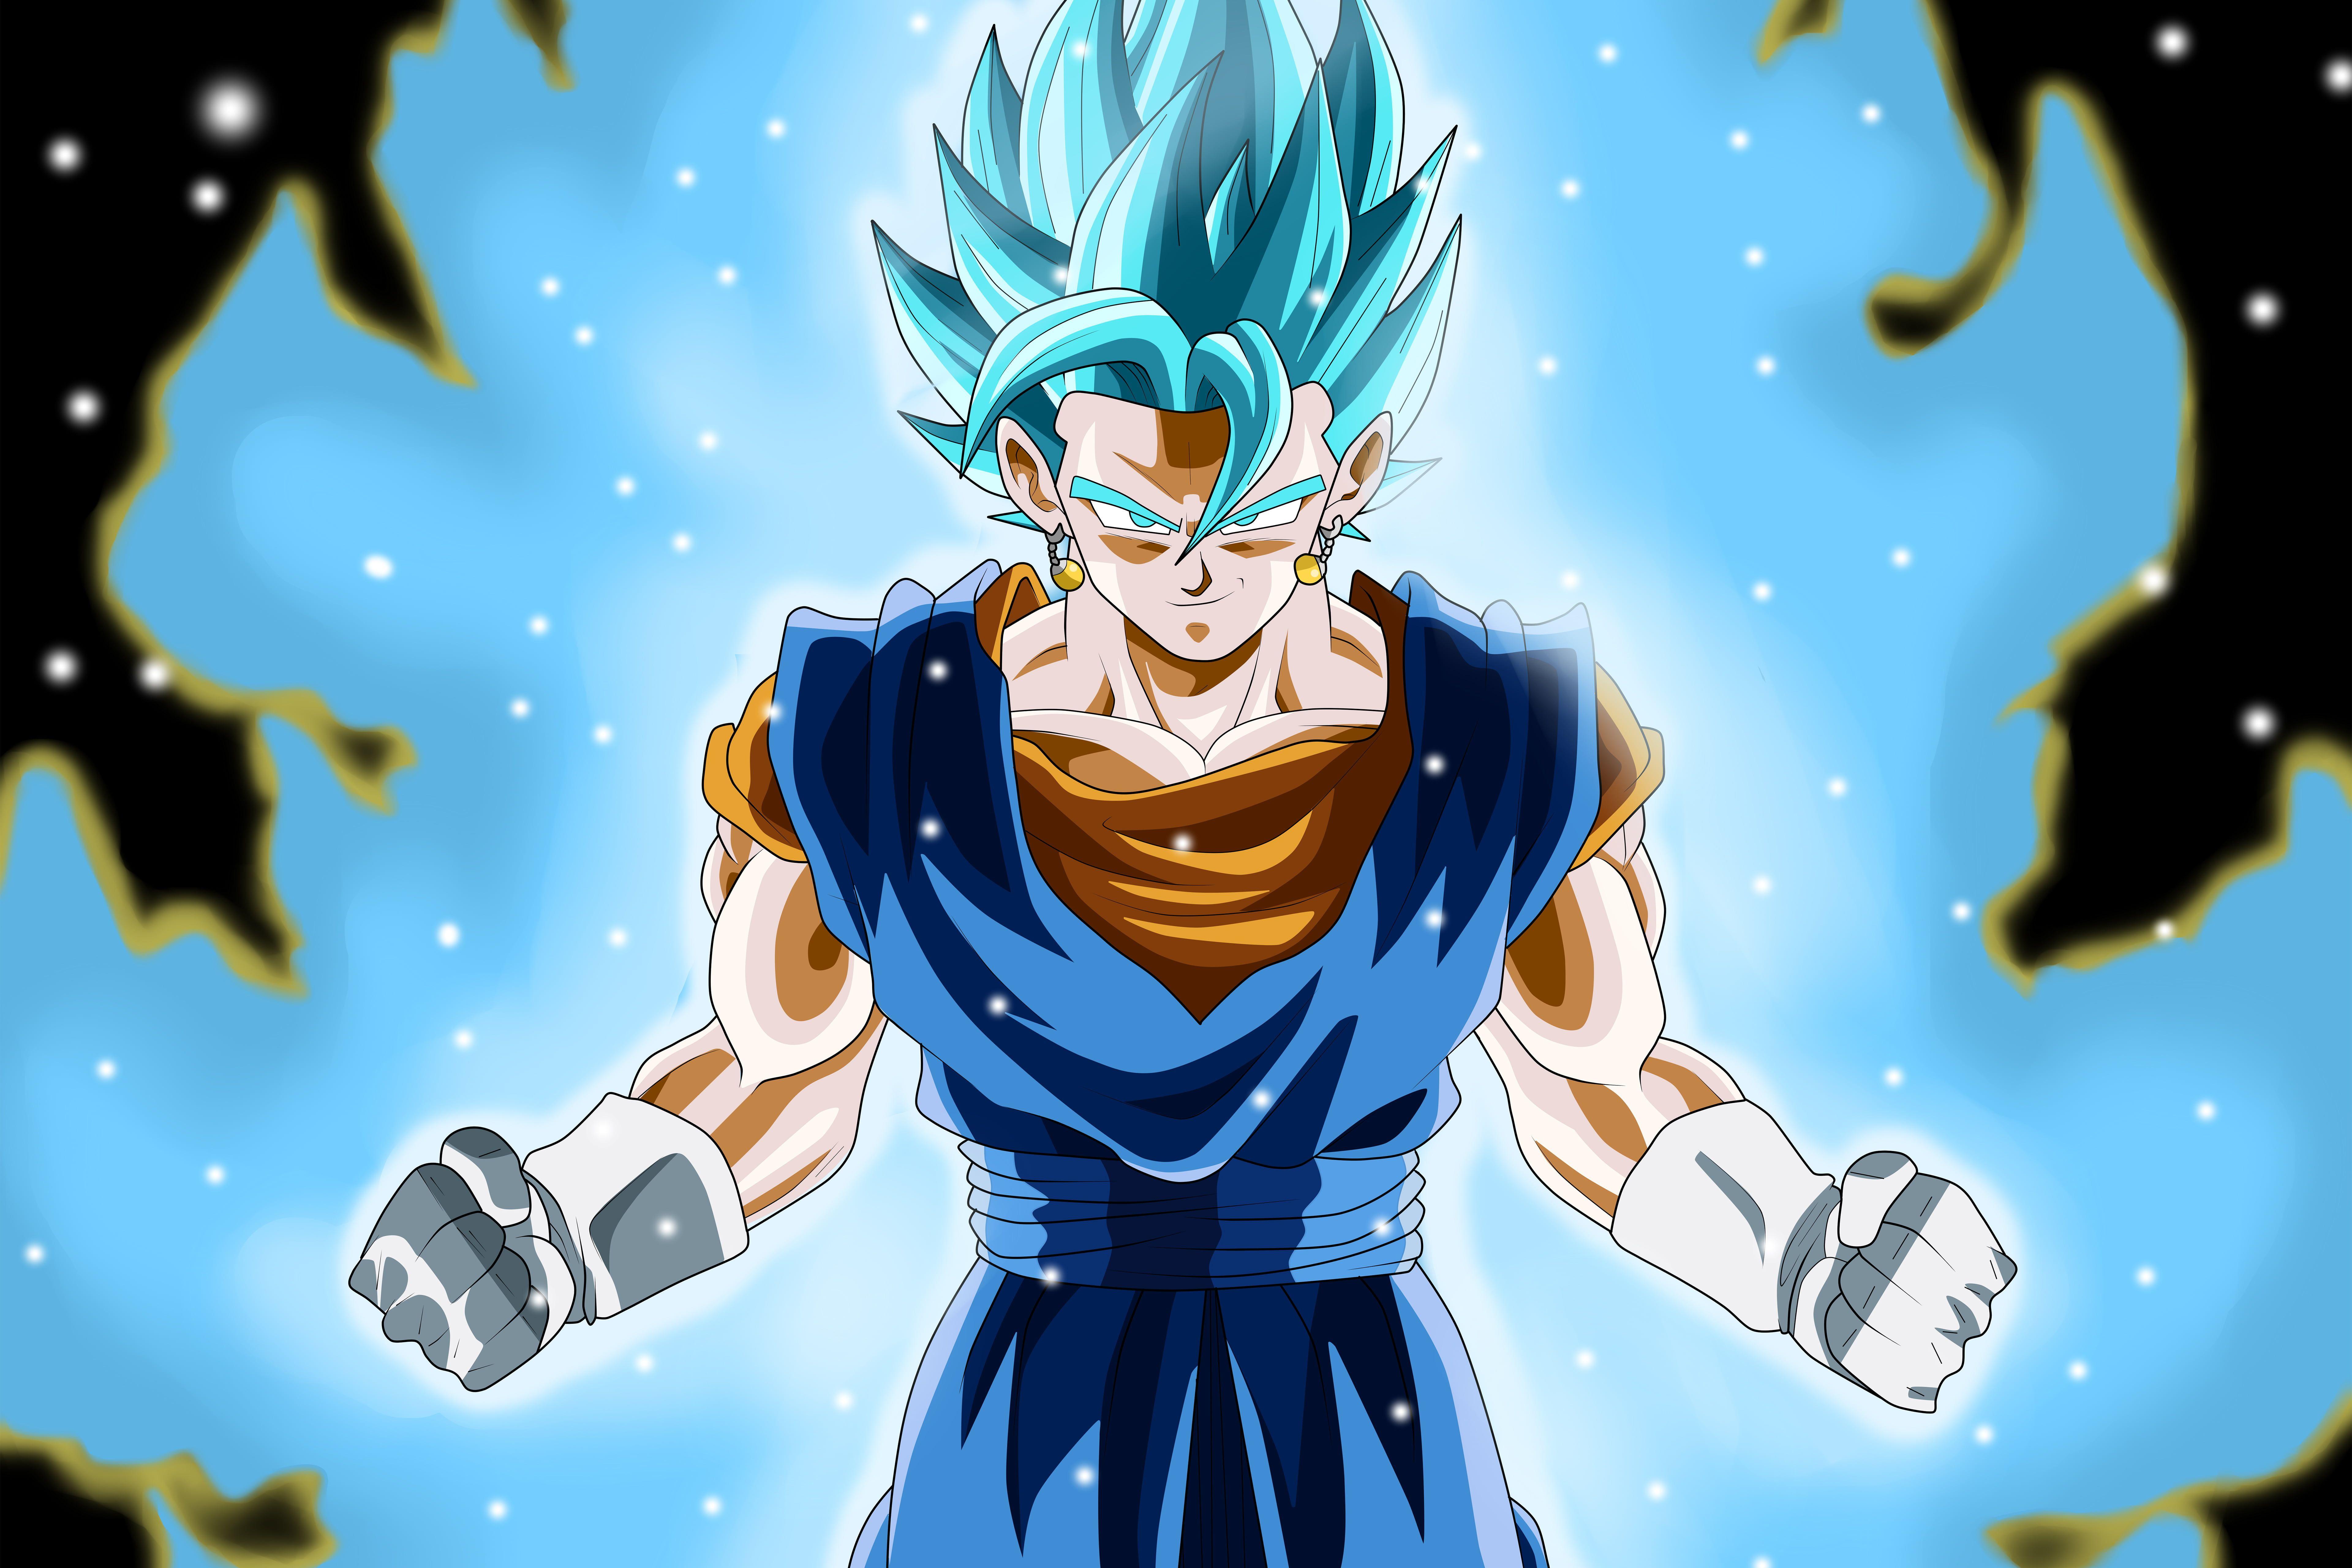 Dragonball Super Son Goku Dragon Ball Dragon Ball Super Super Saiyajin Blue Vegetto 8k In 2020 Dragon Ball Super Wallpapers Dragon Ball Wallpapers Super Saiyan Blue